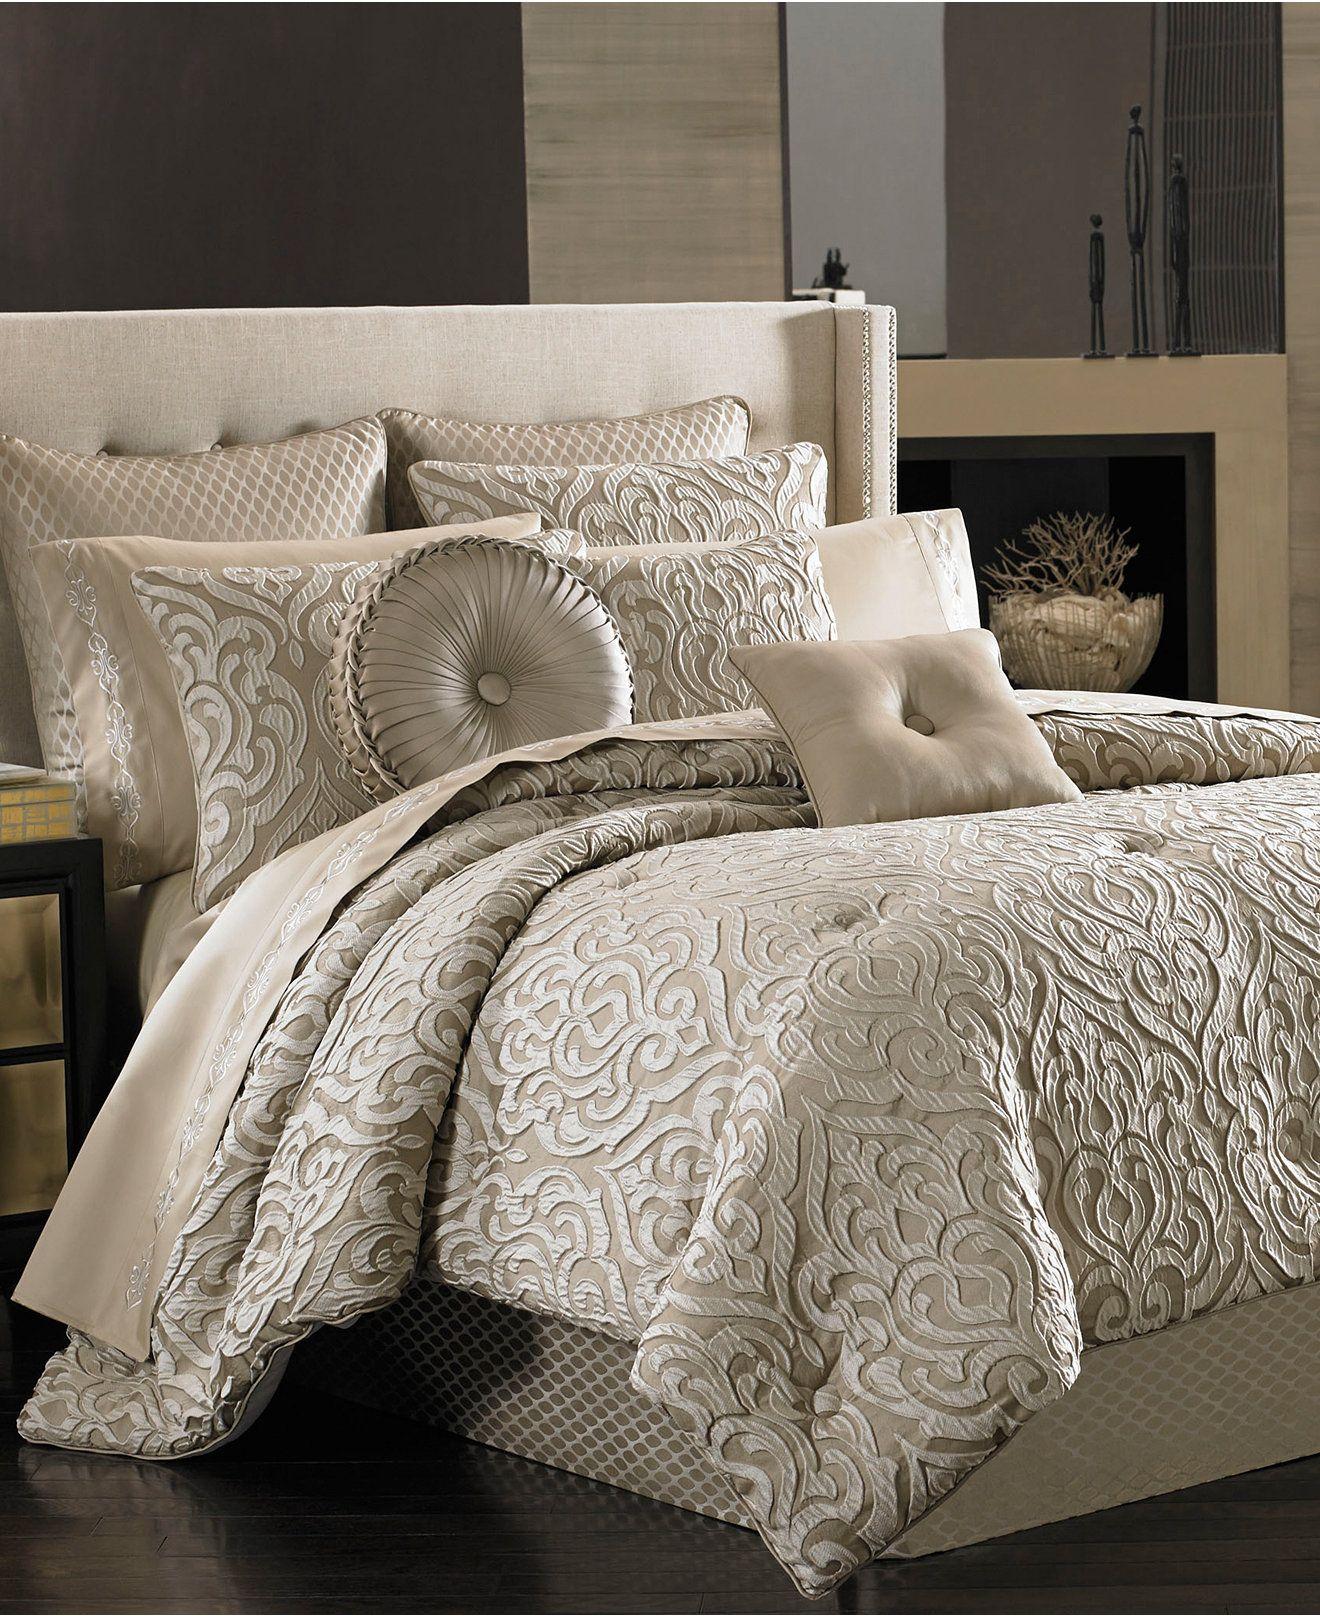 j queen new york astoria 4-pc bedding collection | bedding